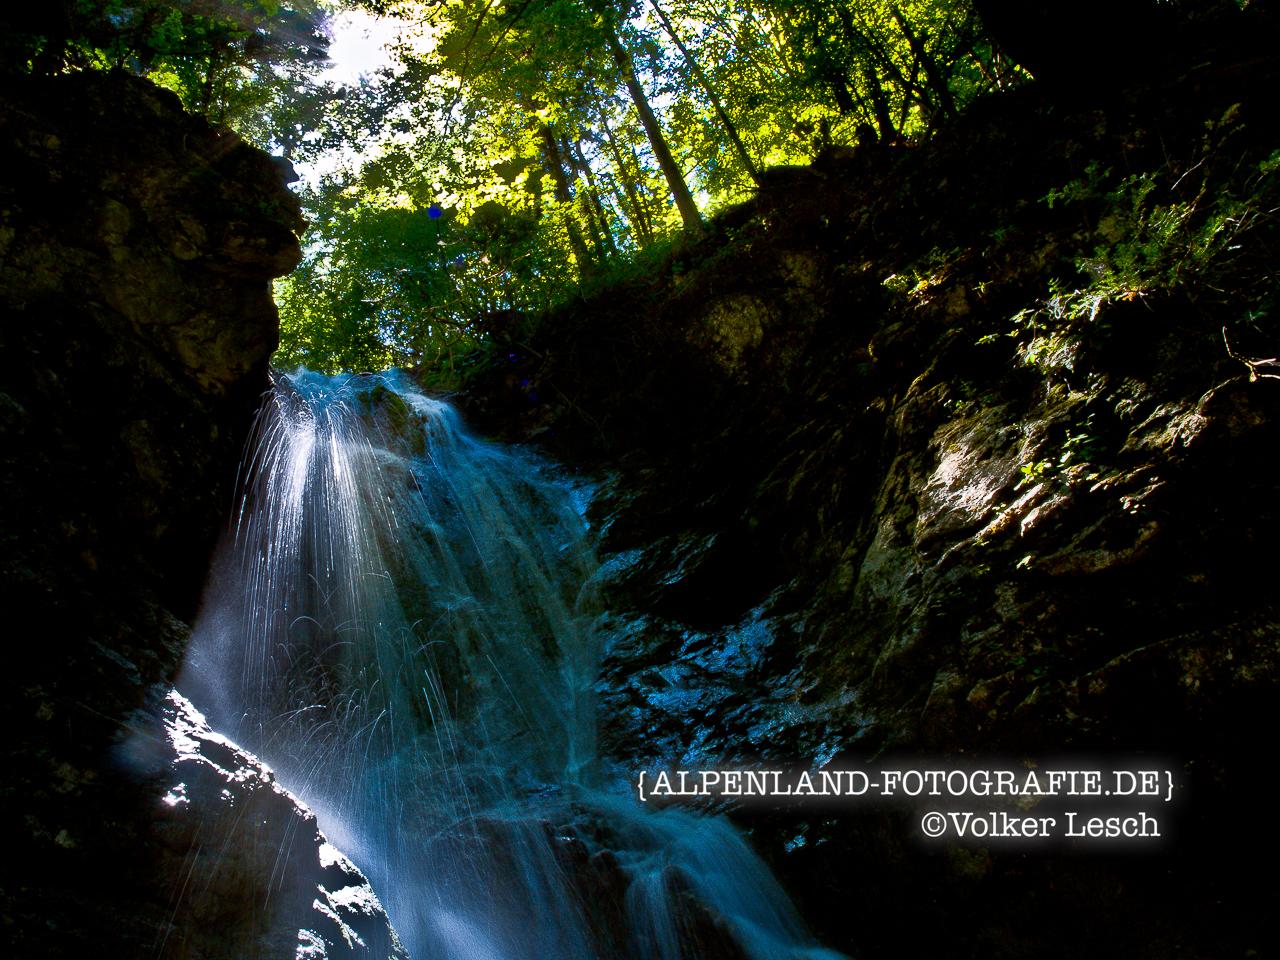 Wolfsschlucht Wasserfälle Inntal © Volker Lesch